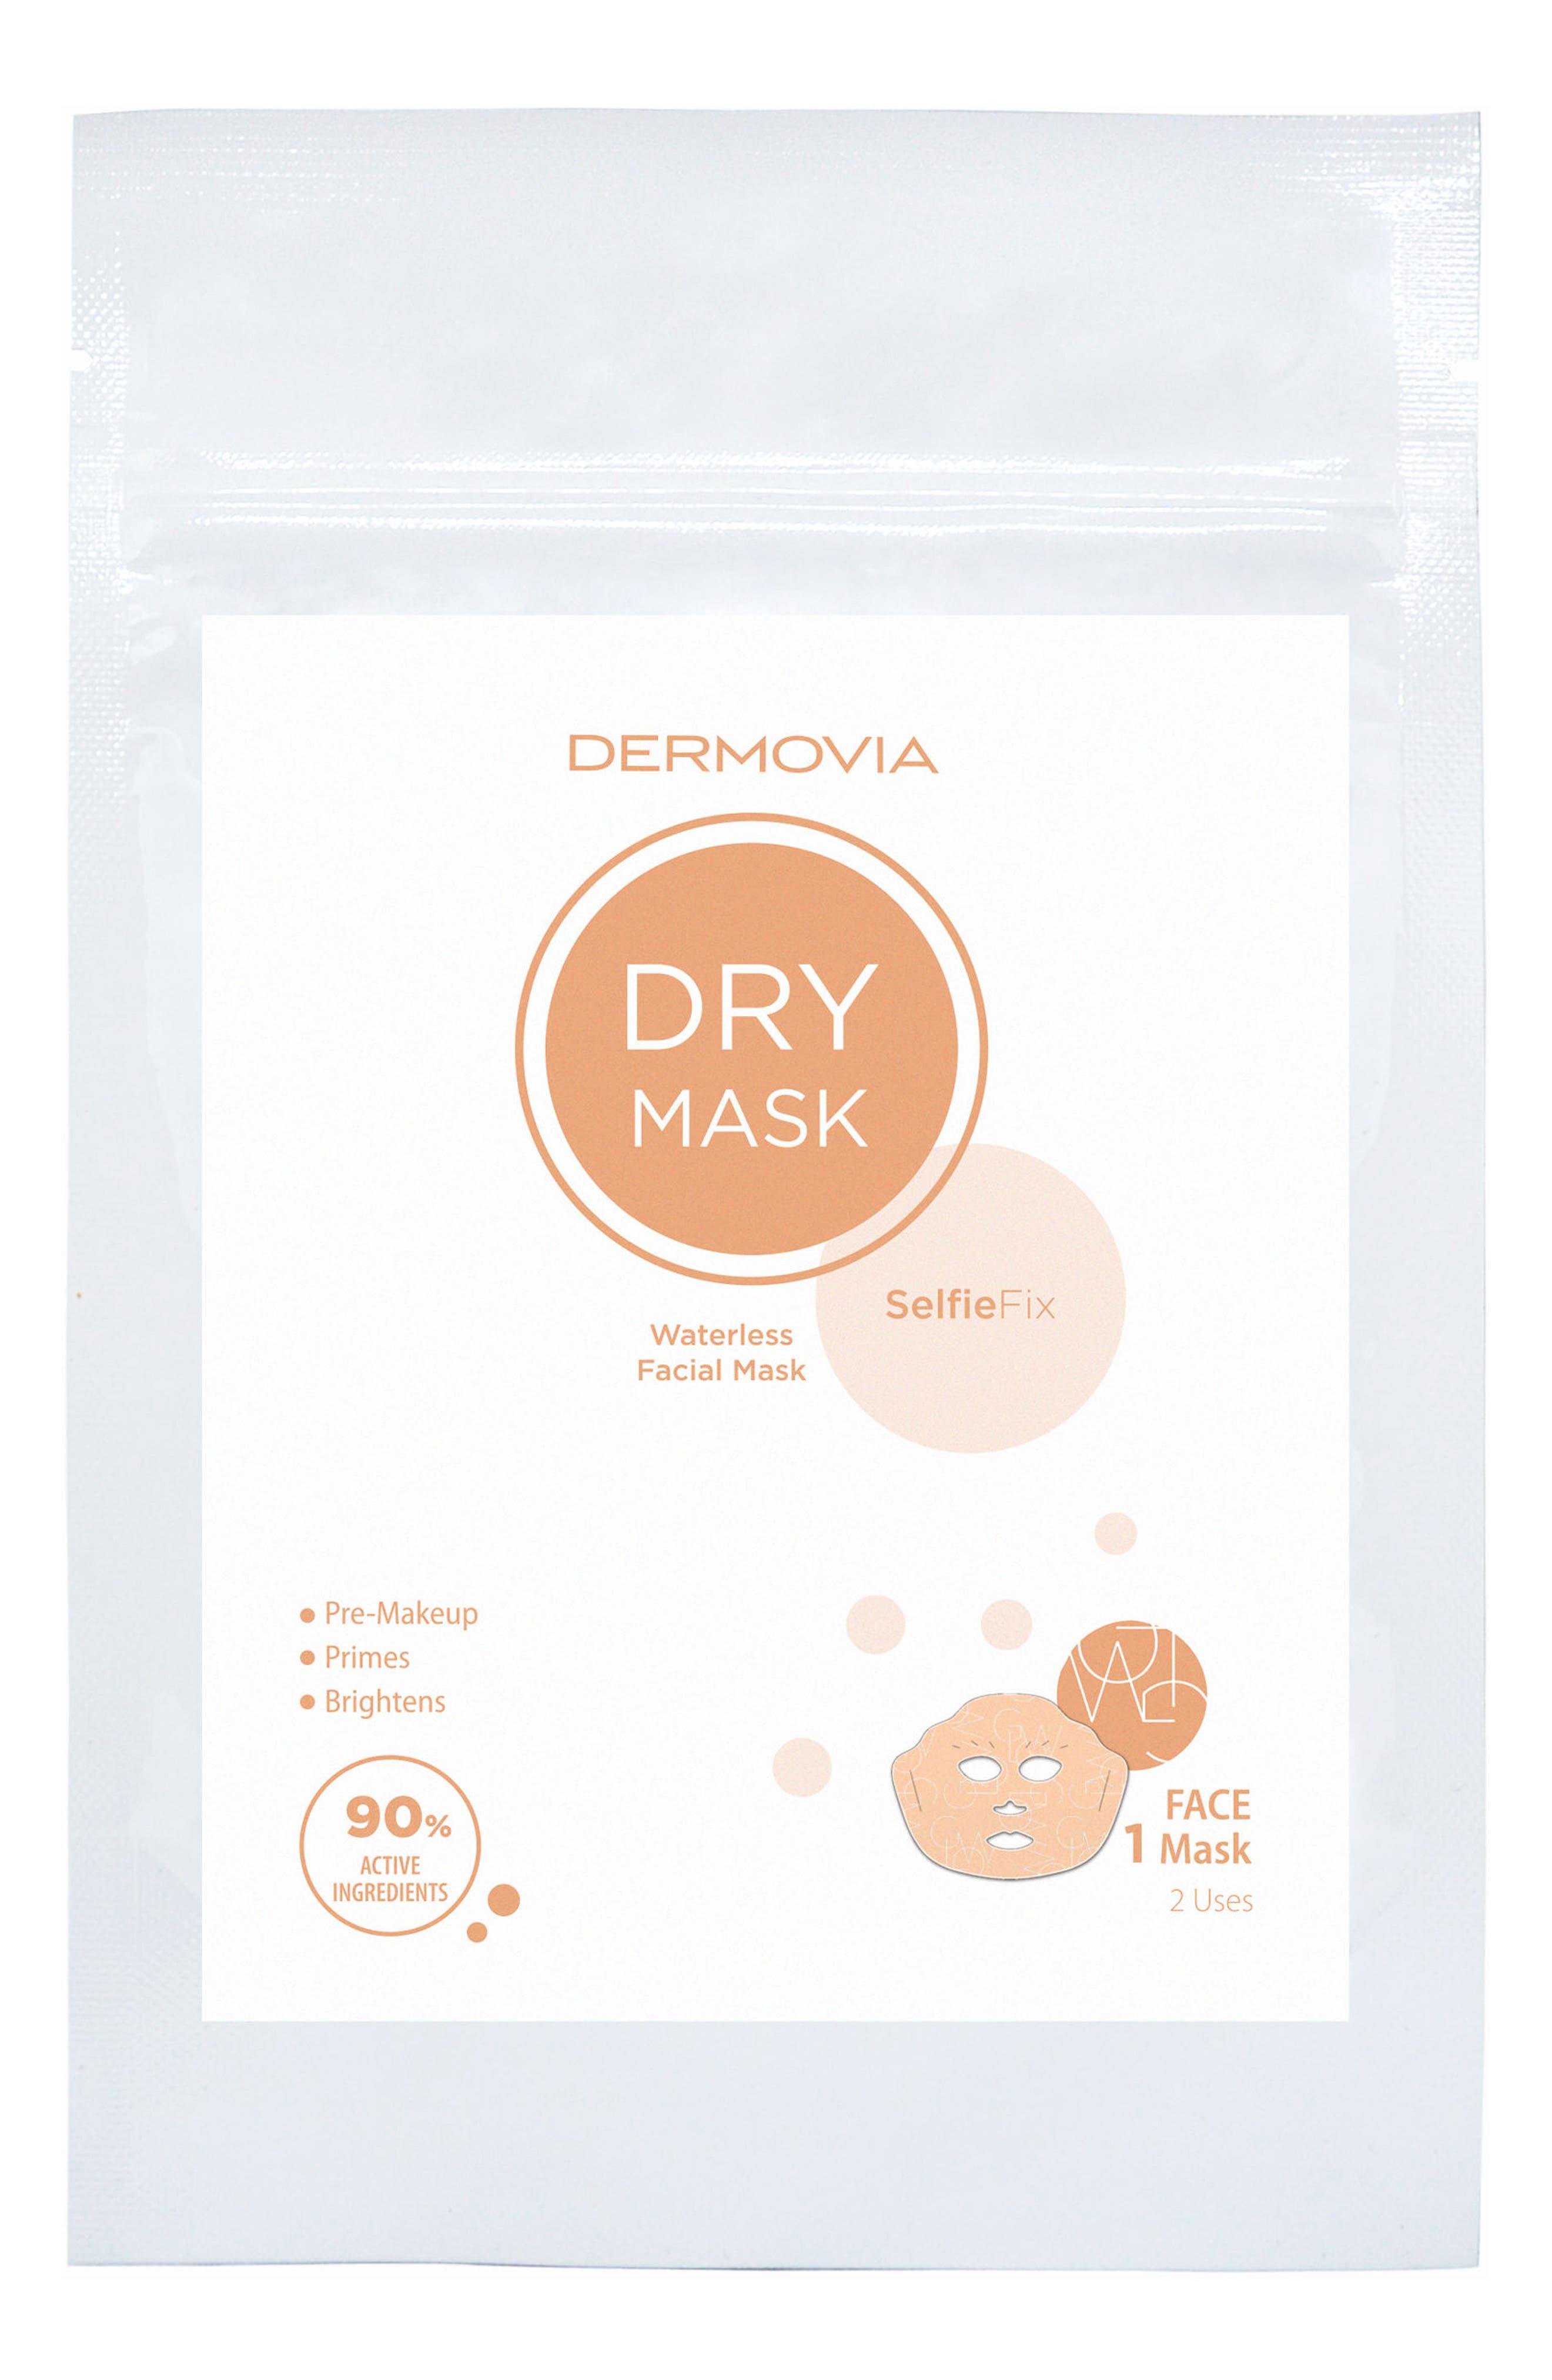 DRY Mask SelfieFix Waterless Facial Mask,                             Main thumbnail 1, color,                             No Color